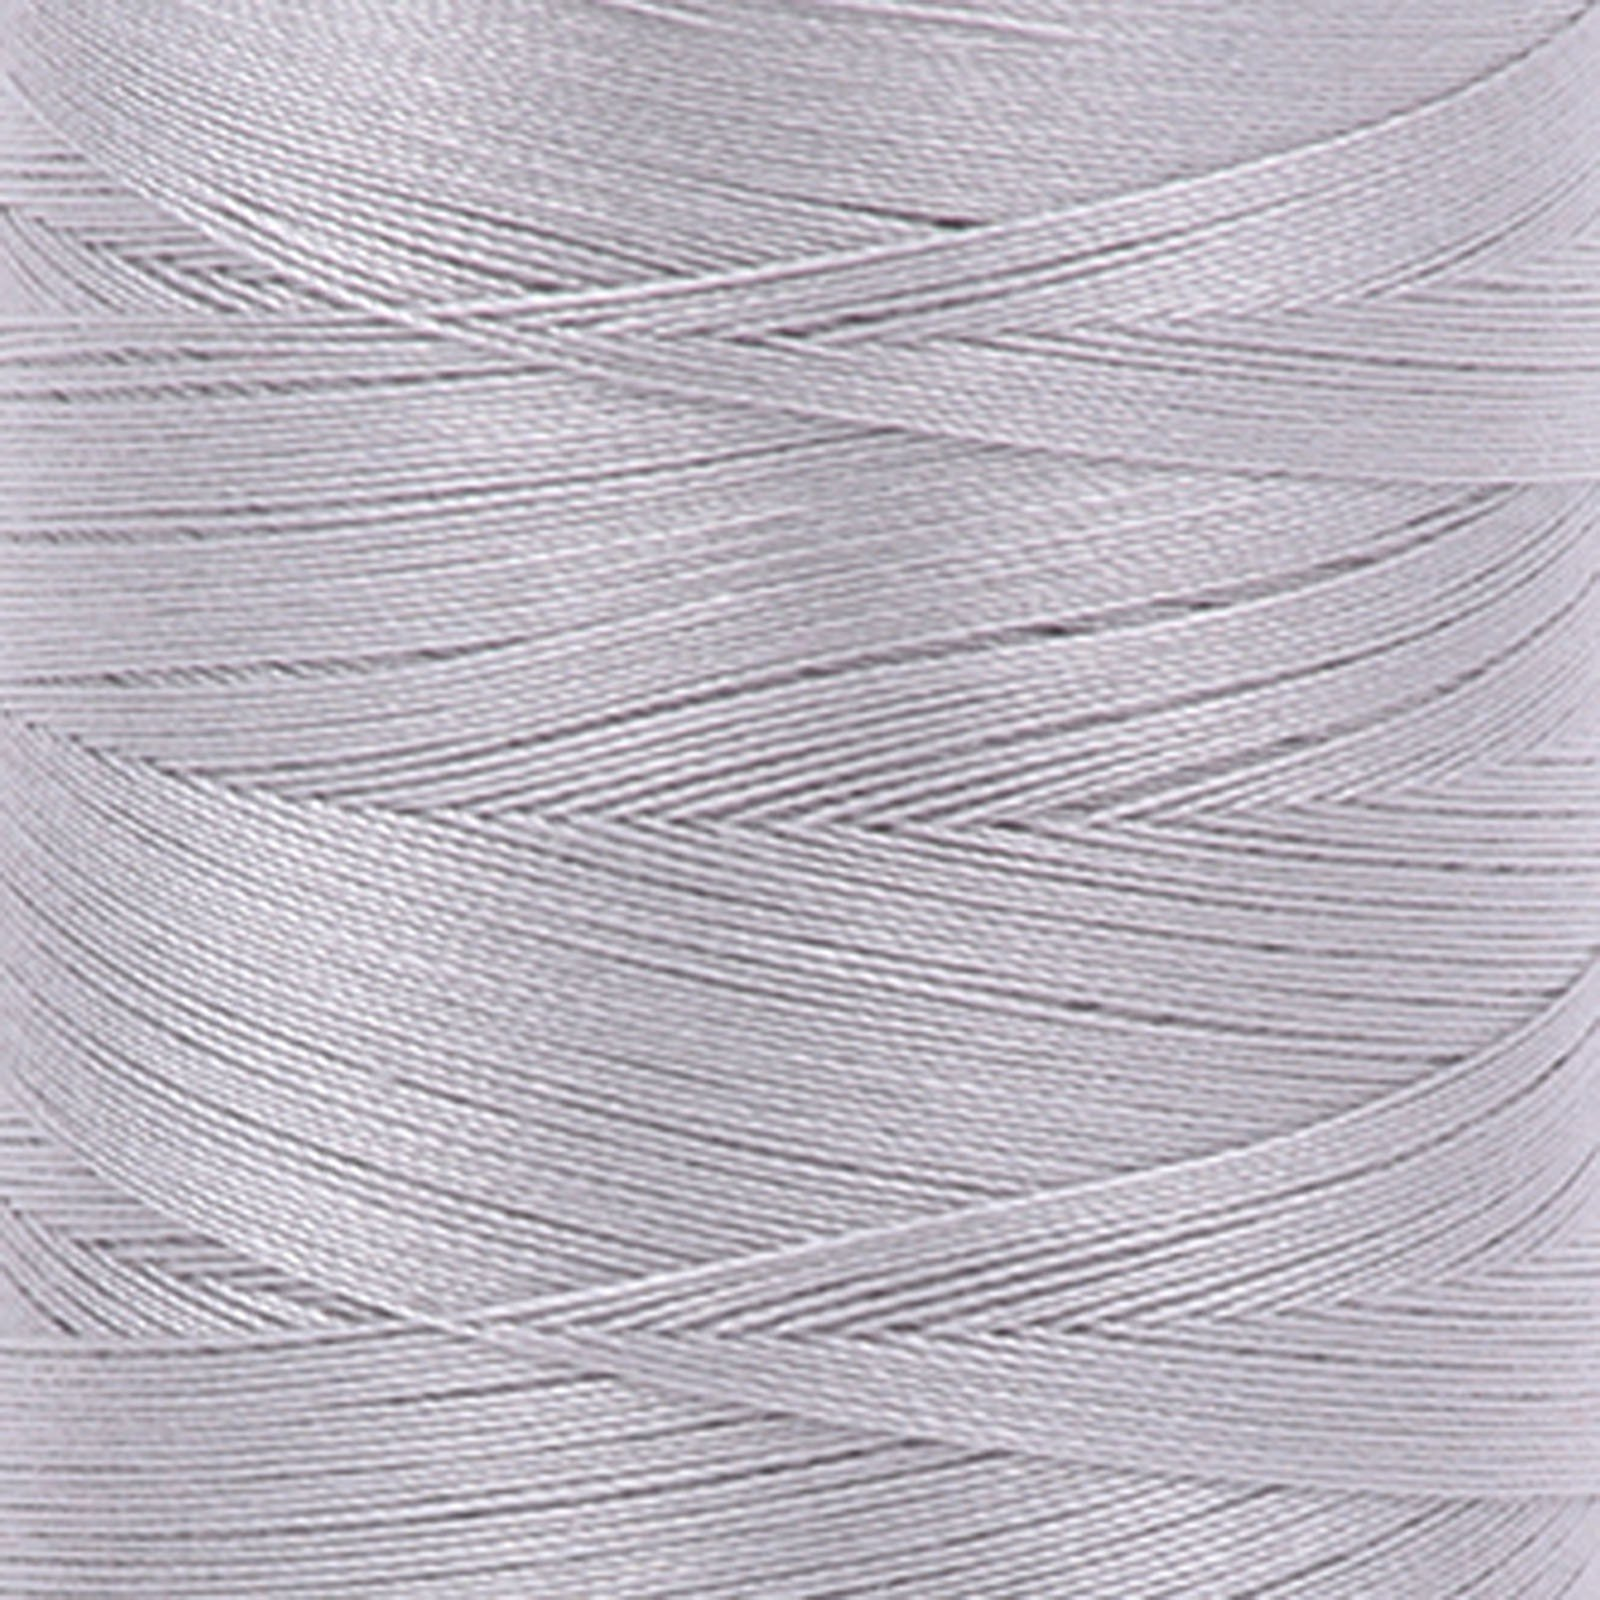 Aurifil Cotton 2615 50wt 220 yds